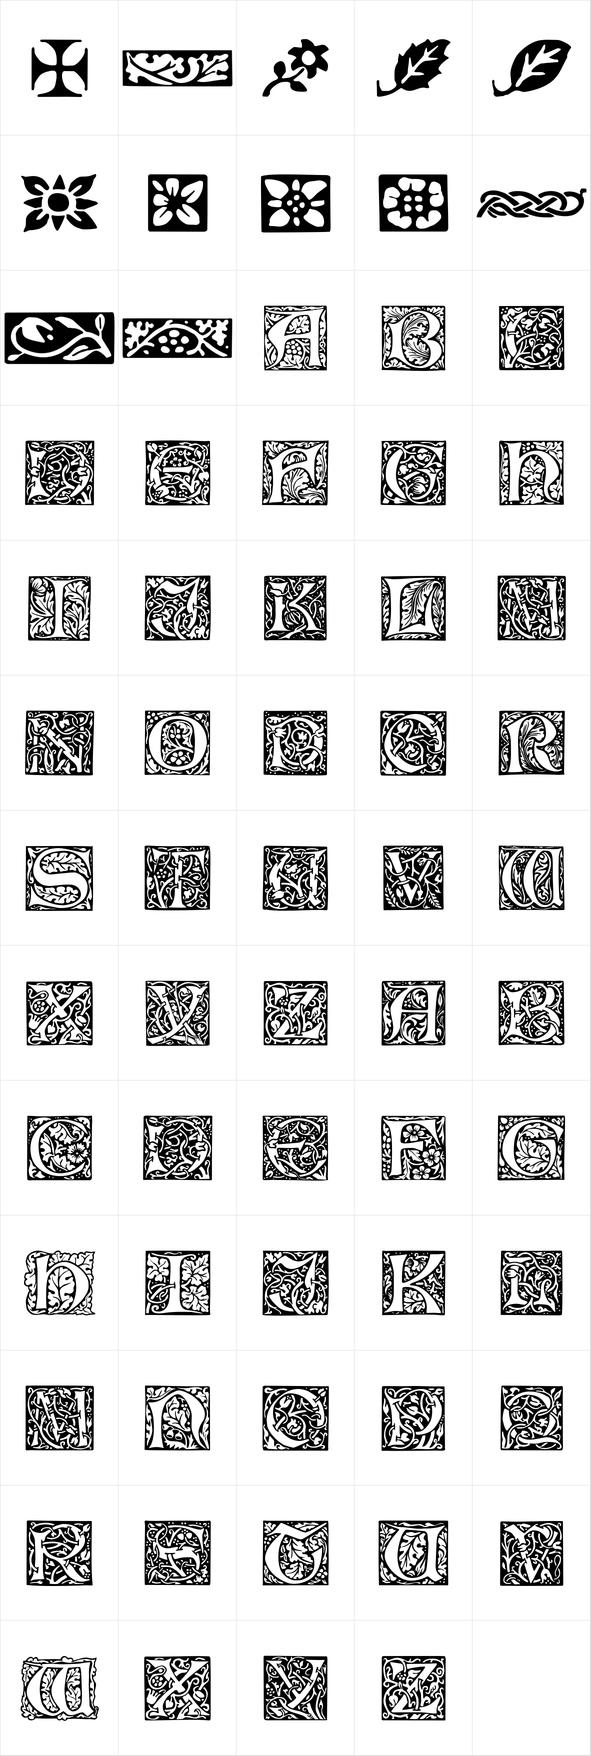 P22 Morris Ornaments